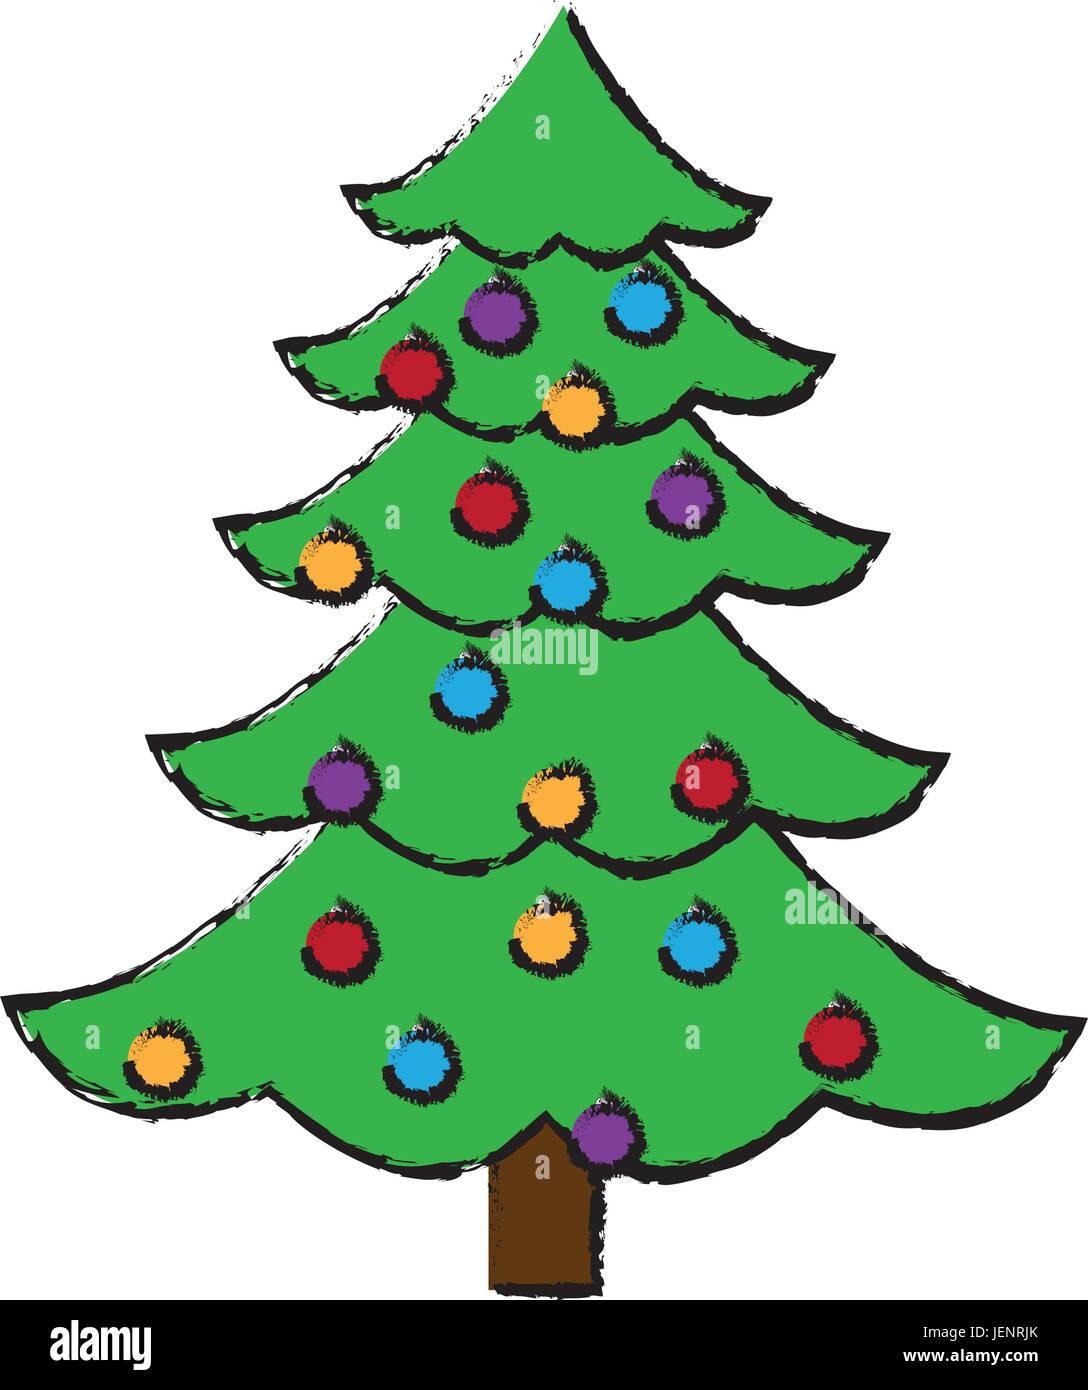 Christmas Tree Balls Decorations.Christmas Tree Balls Decorations Festive Plant Stock Vector